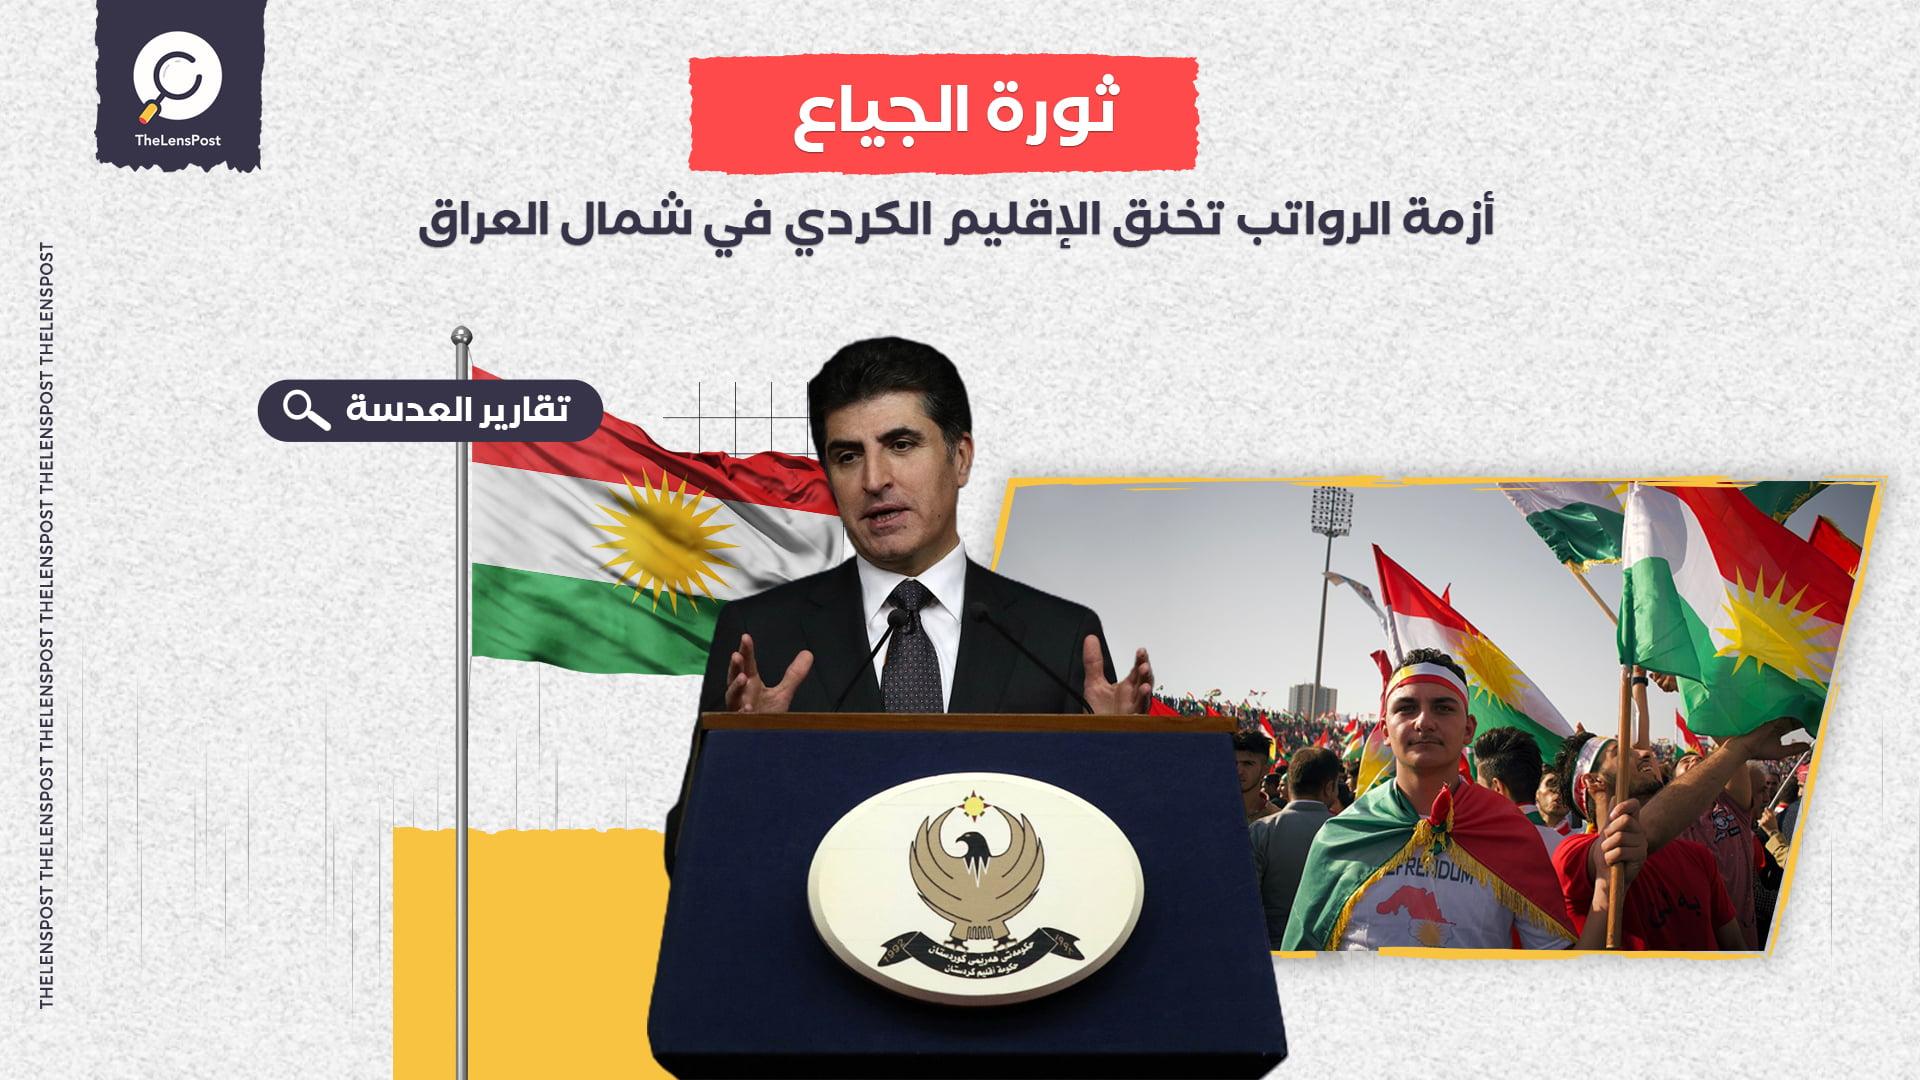 أزمة الرواتب تخنق الإقليم الكردي في شمال العراق.. هذه تفاصيلها